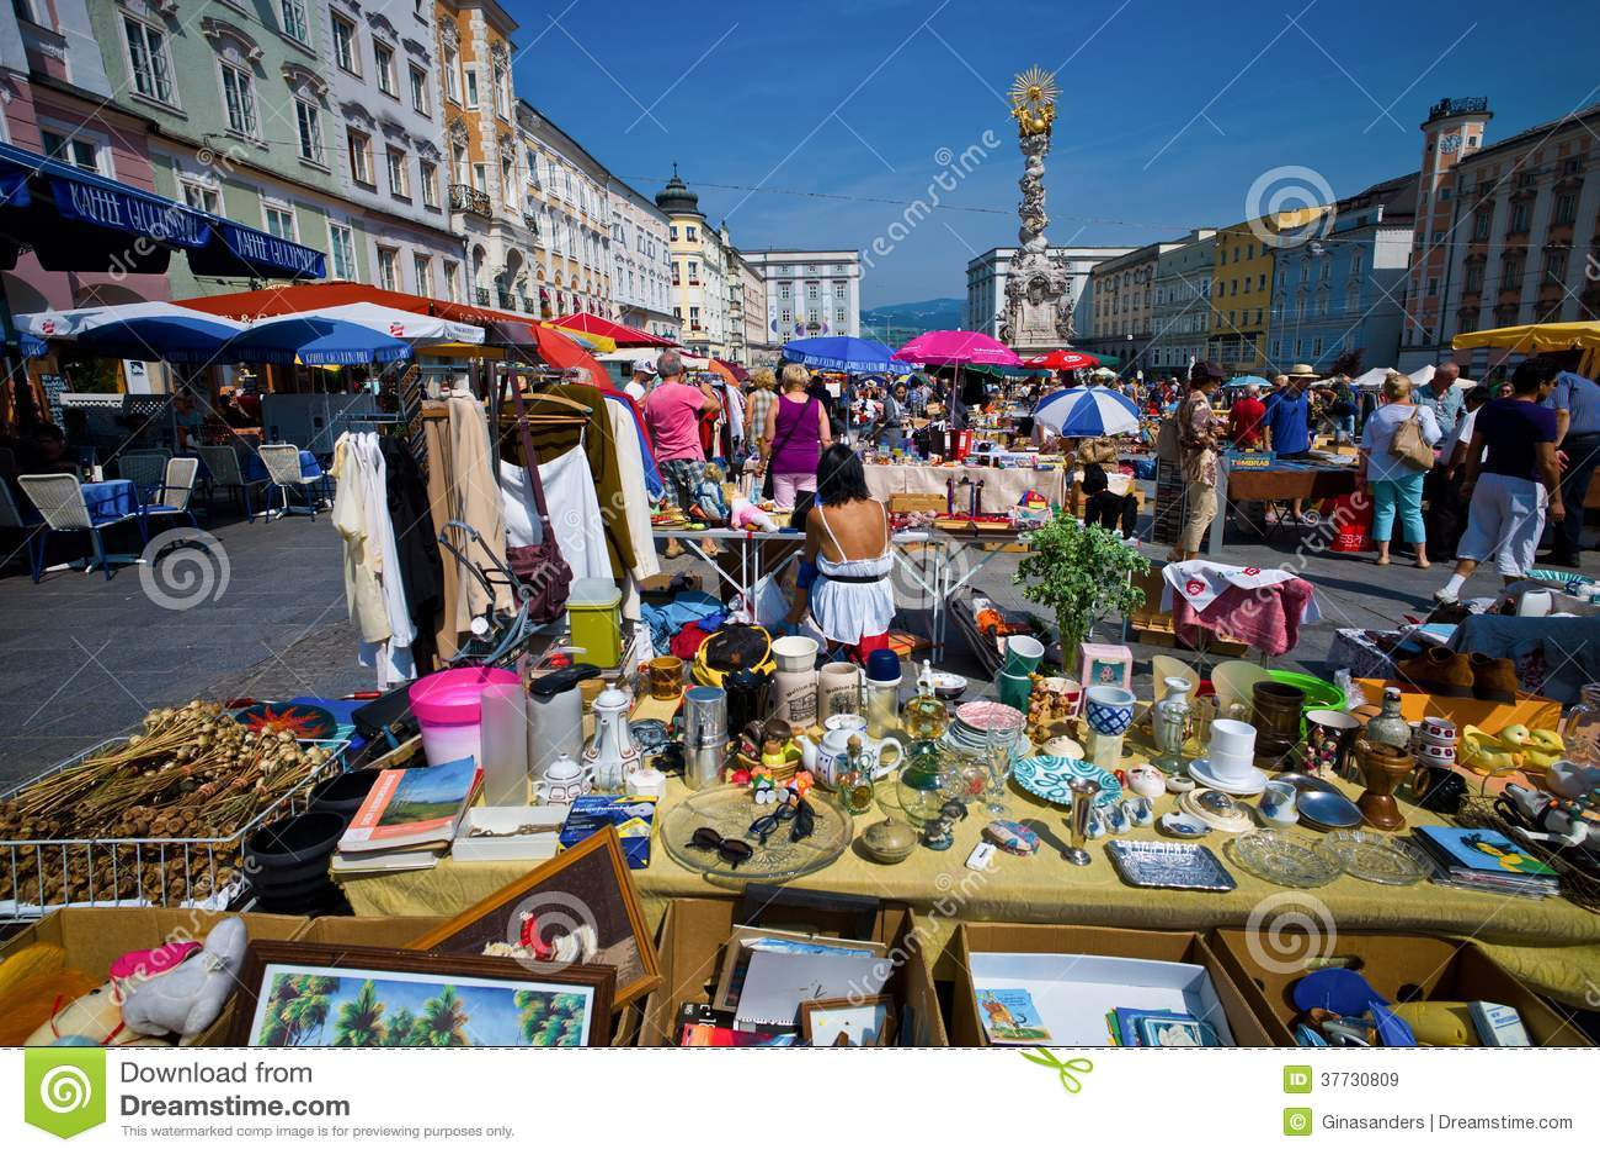 De oude stad in linz, Oostenrijk. vlooienmarkt op het hoofdvierkant ...: nl.dreamstime.com/royalty-vrije-stock-afbeeldingen-linz-oostenrijk...